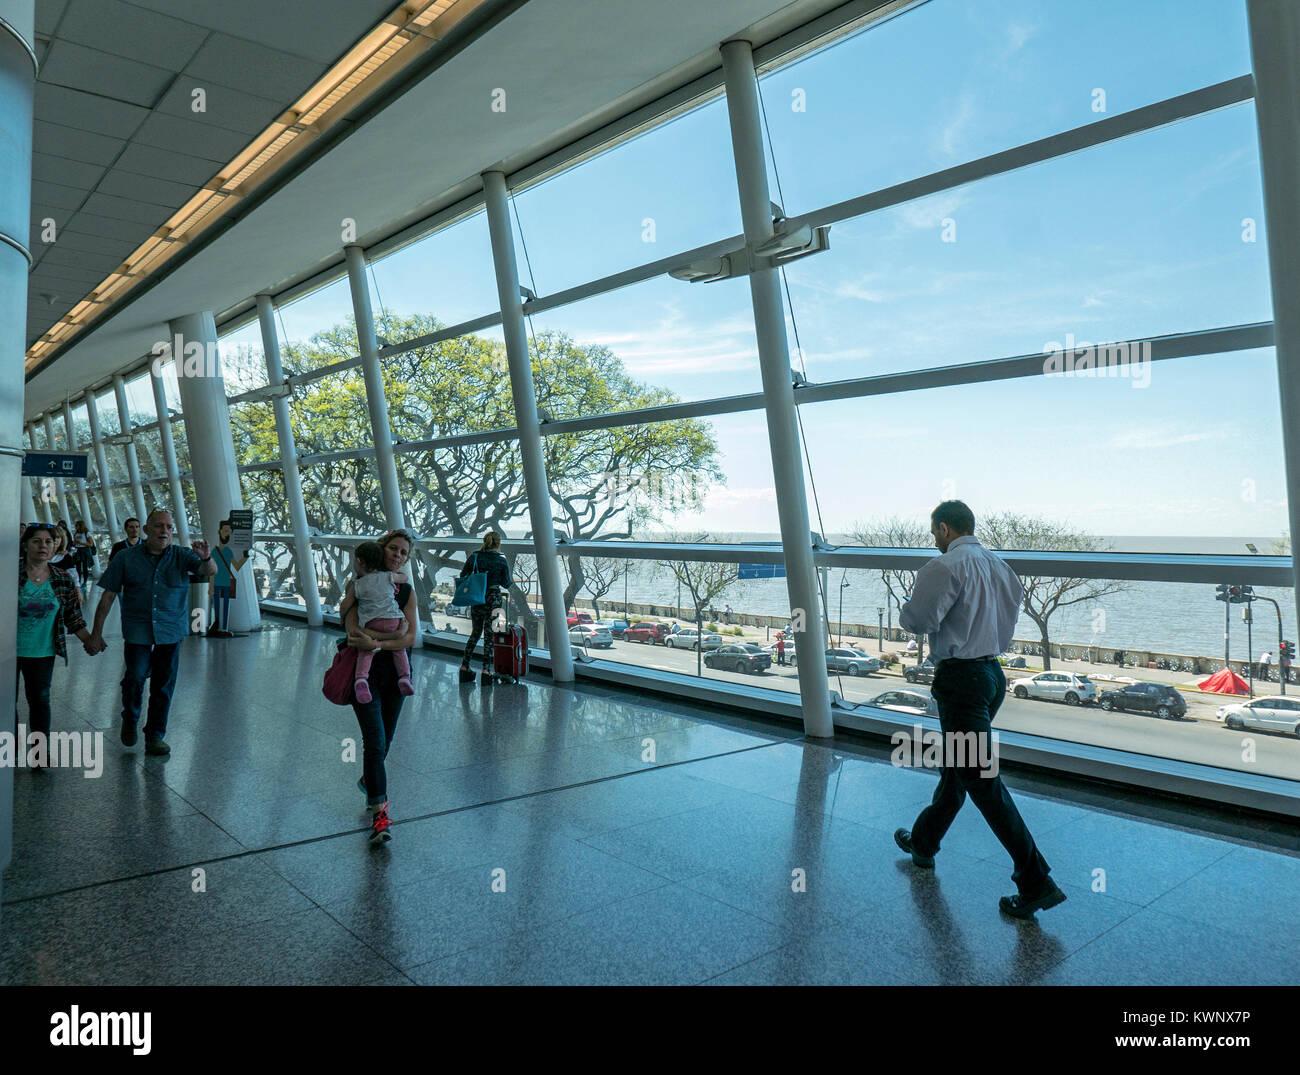 Vista interna di finestre di grandi dimensioni presso l'Aeroporto Aeroparque Jorge Newbery; Buenos Aires, Argentina Immagini Stock